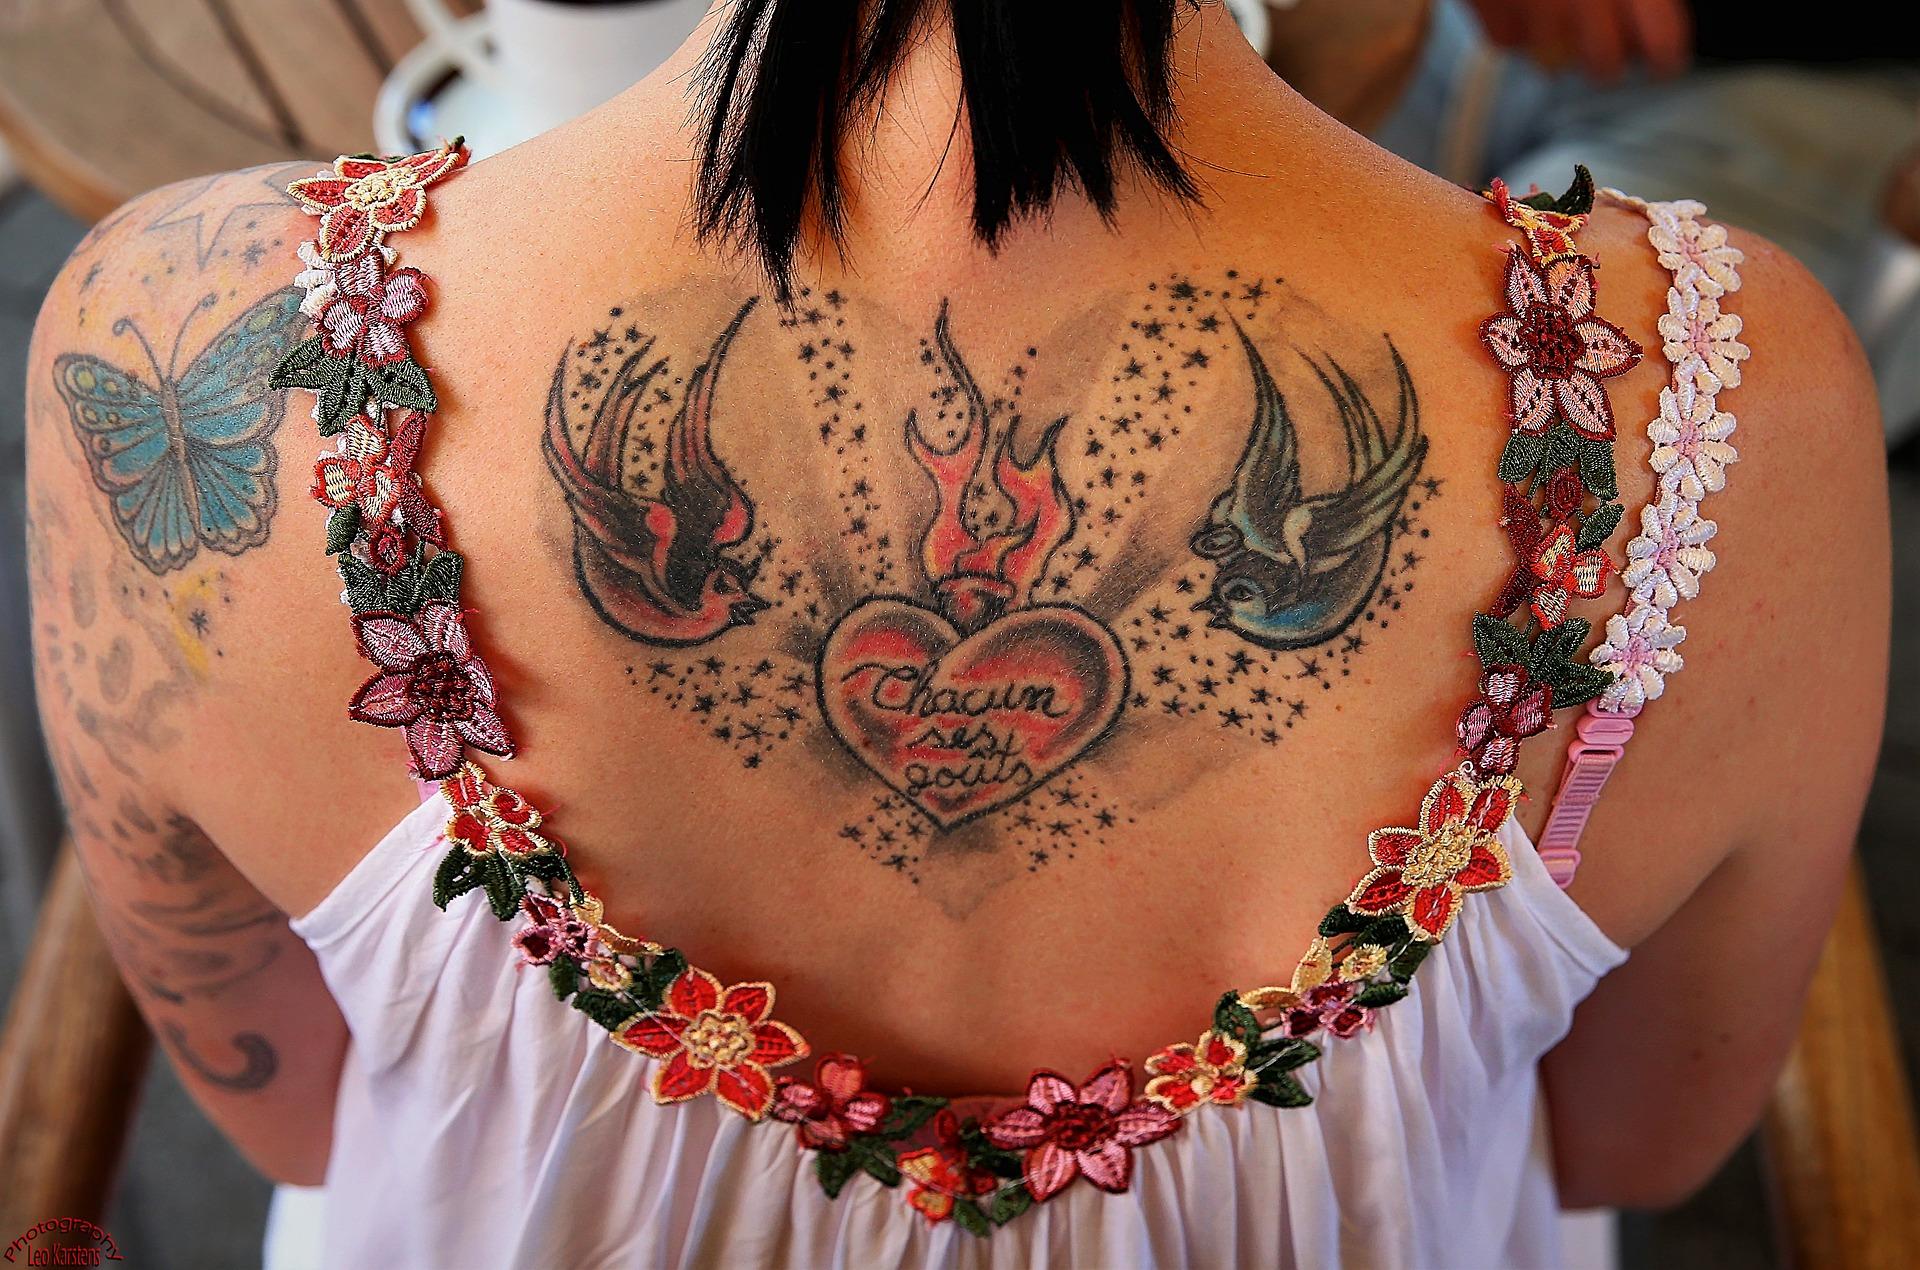 Tetovaže kao oblik preuzimanja moći i prava nad svojim telom